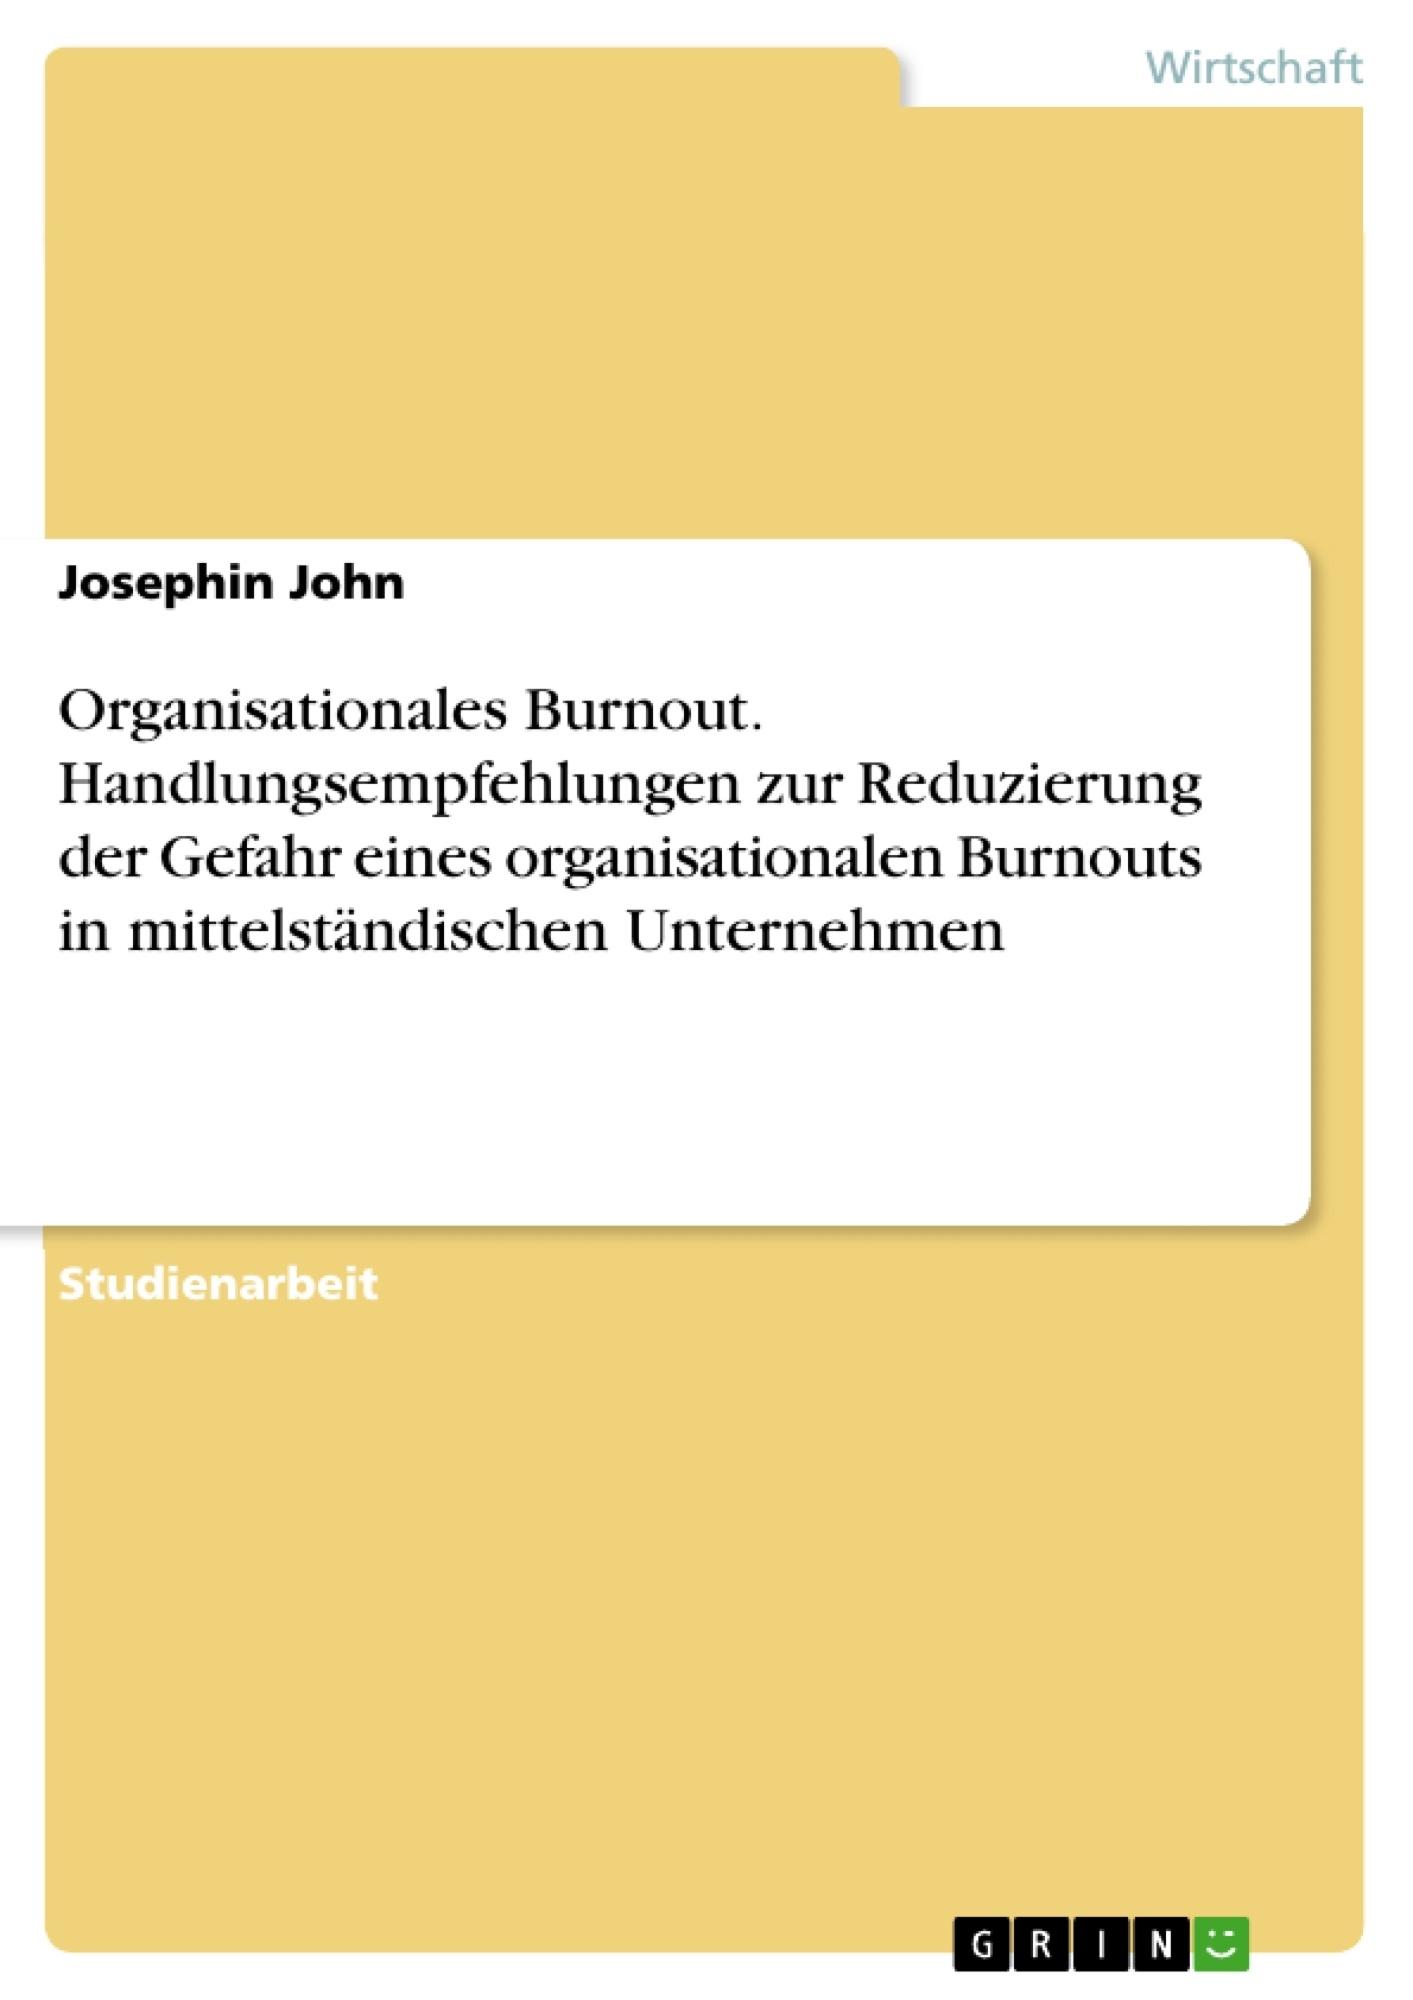 Titel: Organisationales Burnout. Handlungsempfehlungen zur Reduzierung der Gefahr eines organisationalen Burnouts in mittelständischen Unternehmen